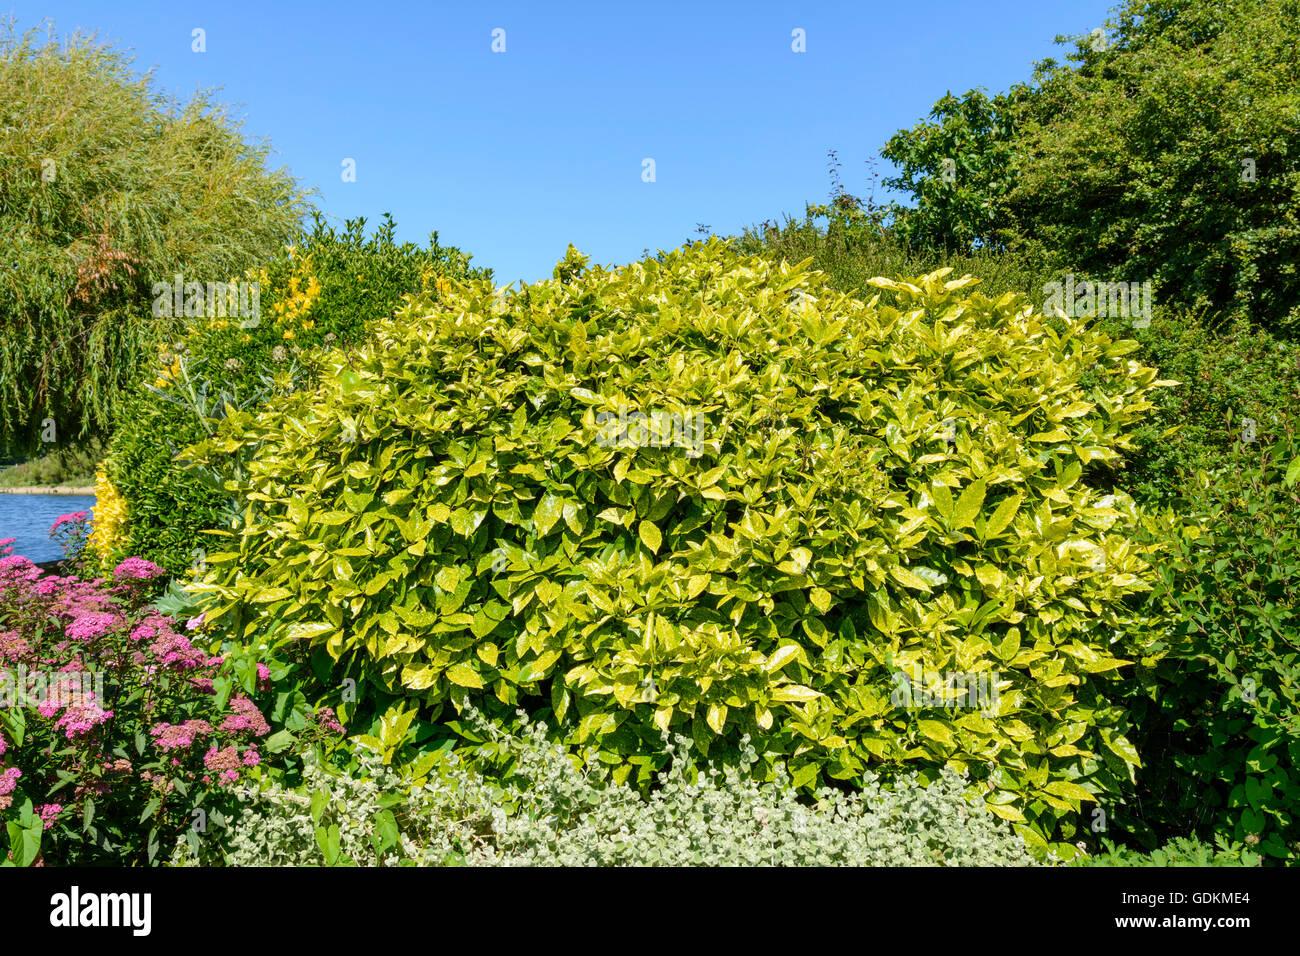 Japanische Laurel (aucuba japonica) Bush in einem Park wächst im Sommer in Großbritannien. Stockbild